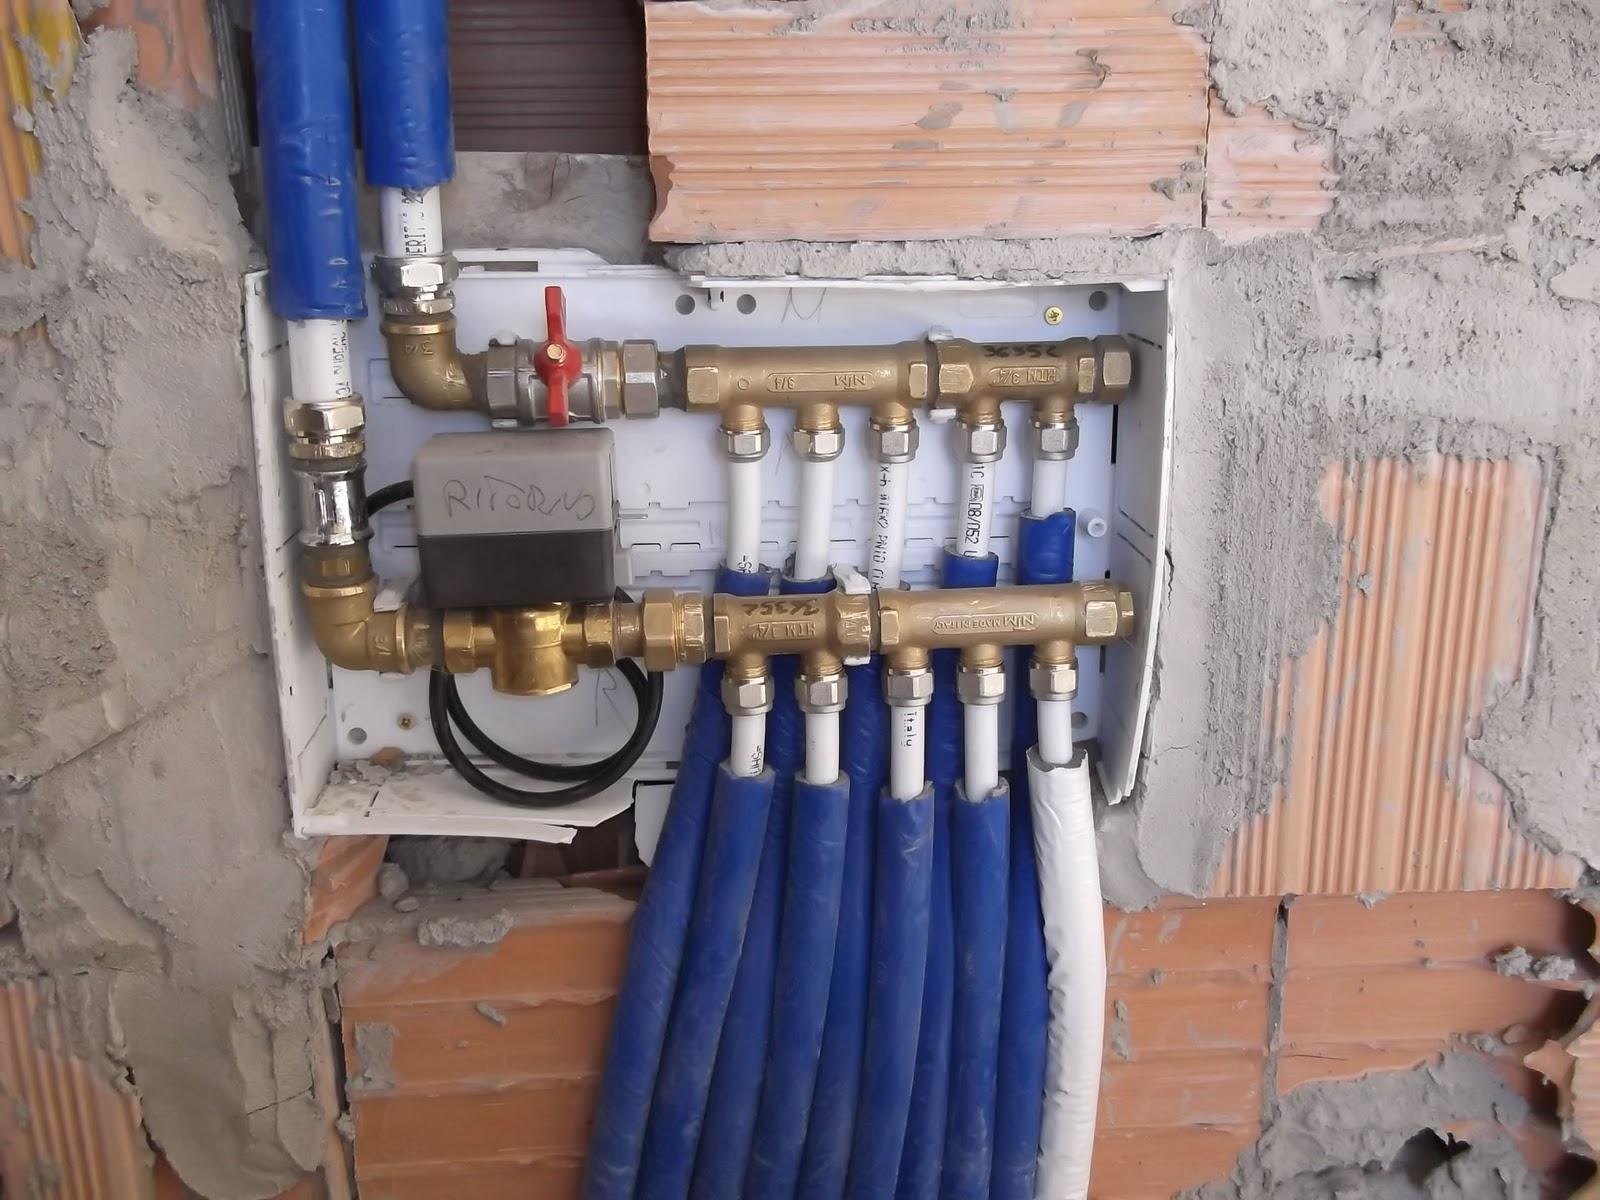 Impianto Idraulico Bagno Multistrato.Il Blog Dell Idraulico Collettore Con Valvole A Zona